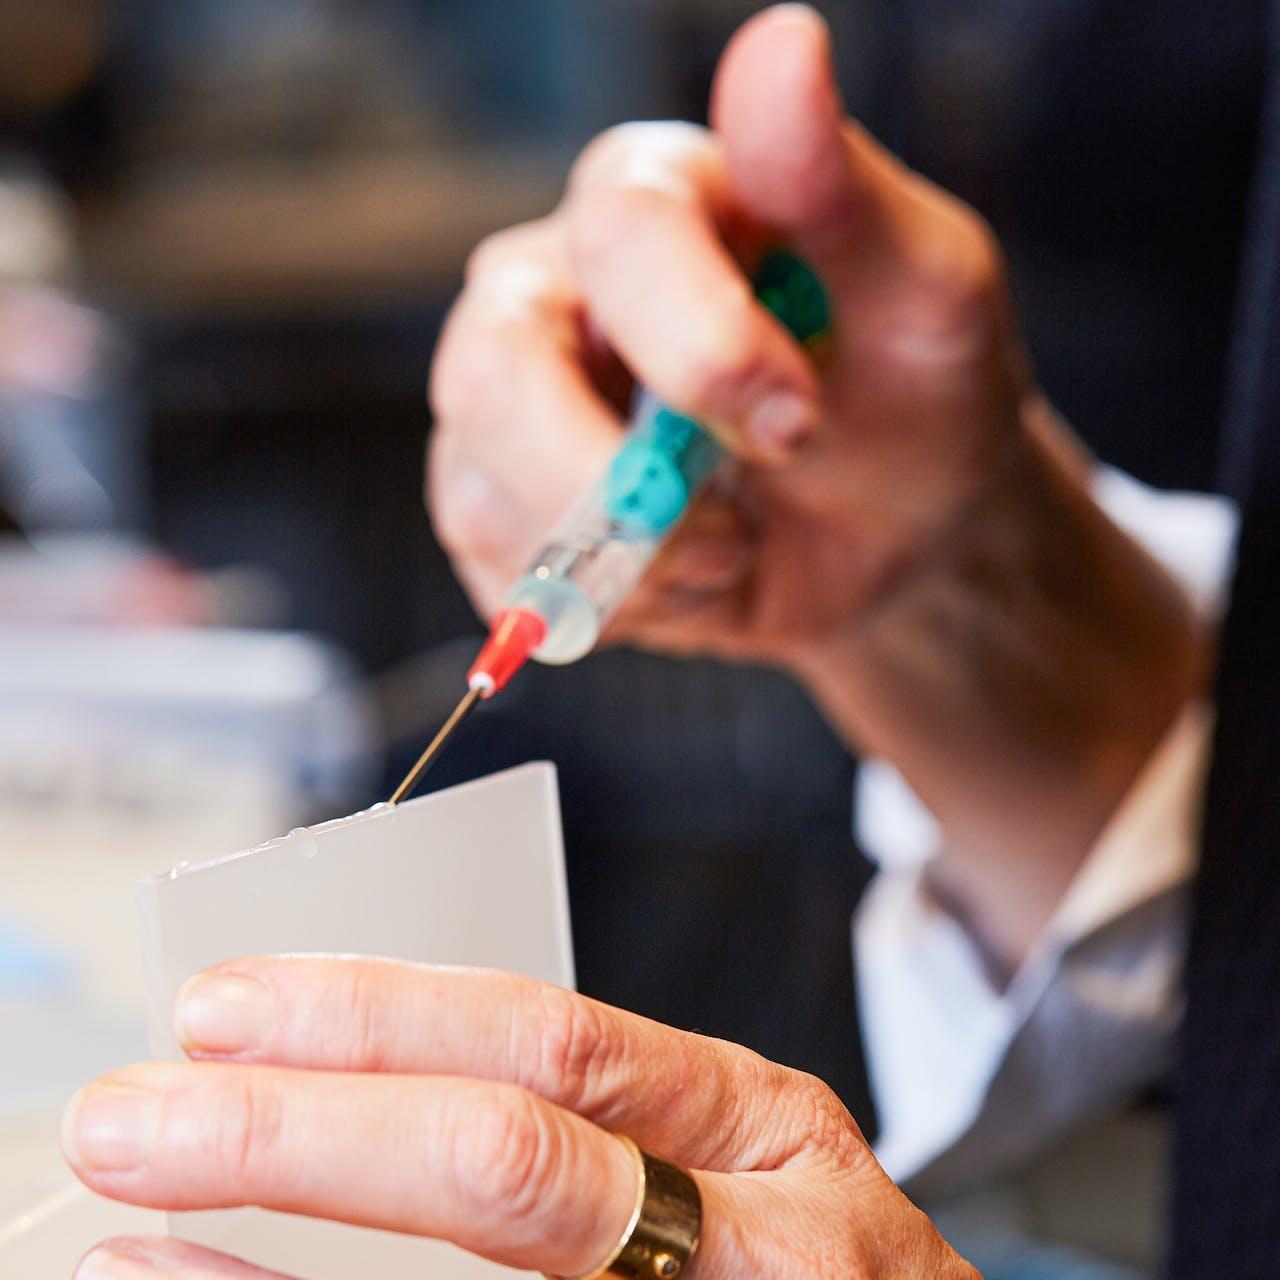 Tipp für sauberes Arbeiten: Klebstoff zum PLEXIGLAS ® kleben mit einer Spritze auftragen